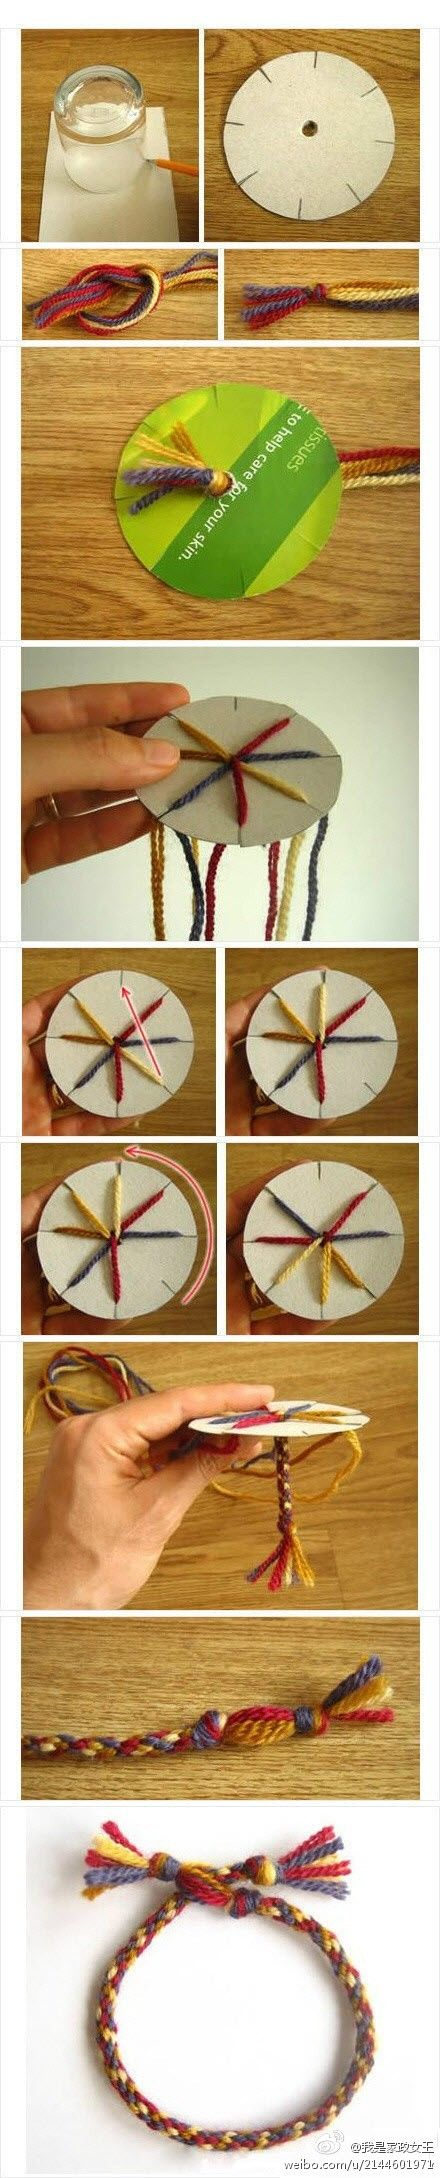 friendship bracelets for the girls